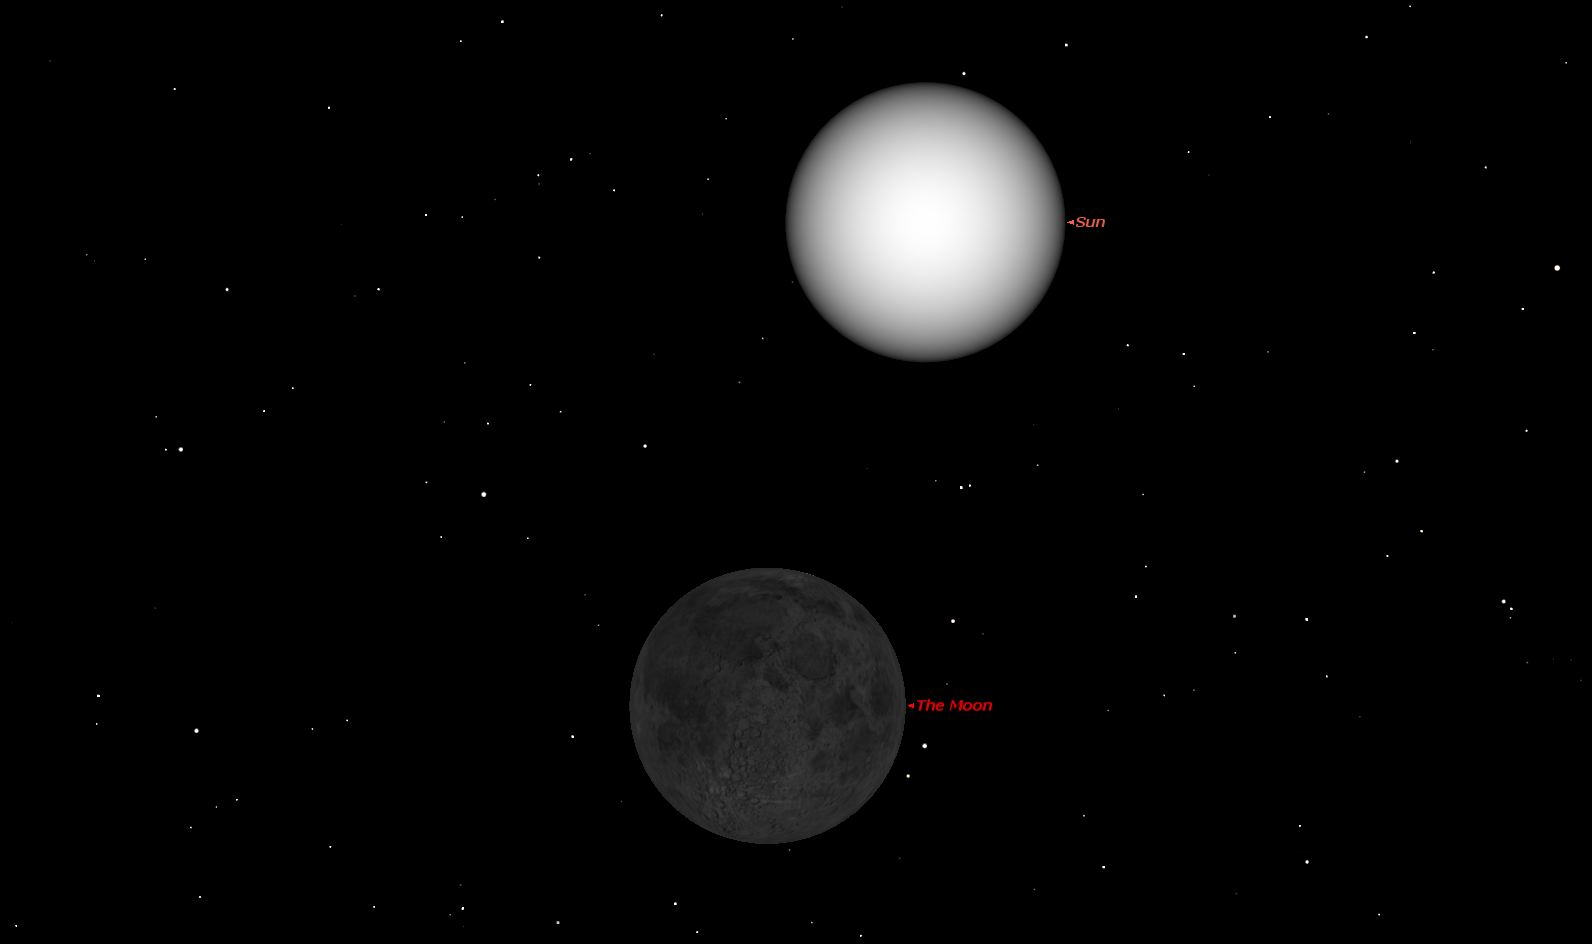 New Moon, April 2014